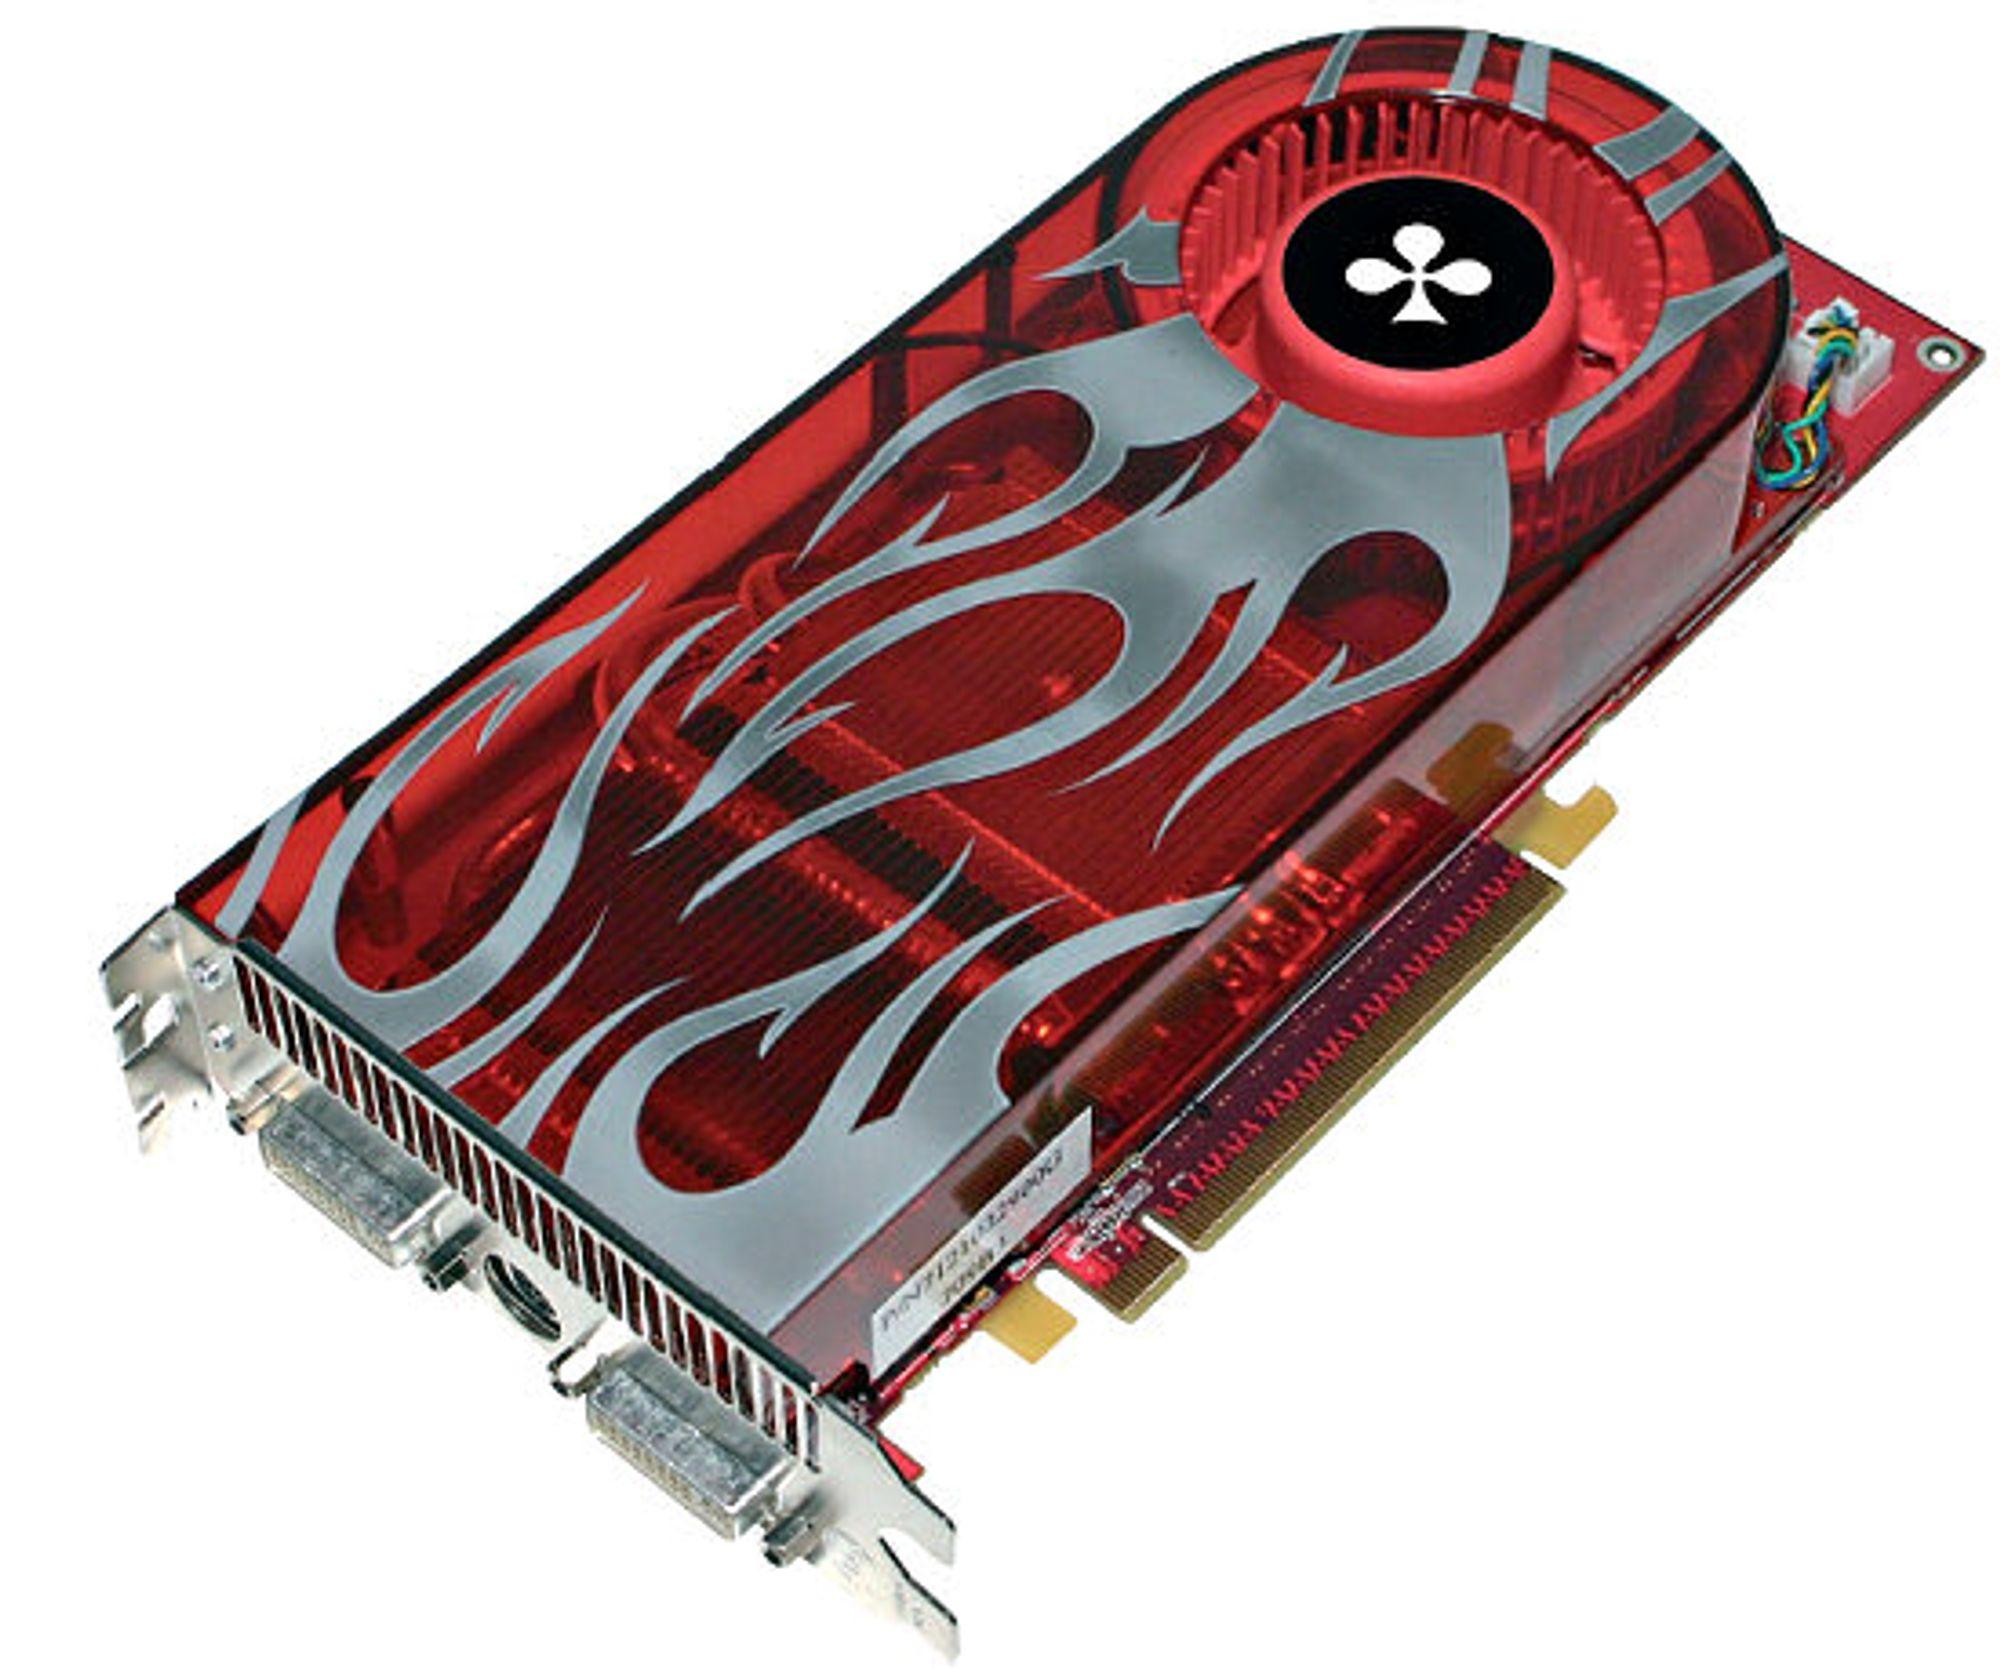 Club3D Radeon HD 2900 Pro